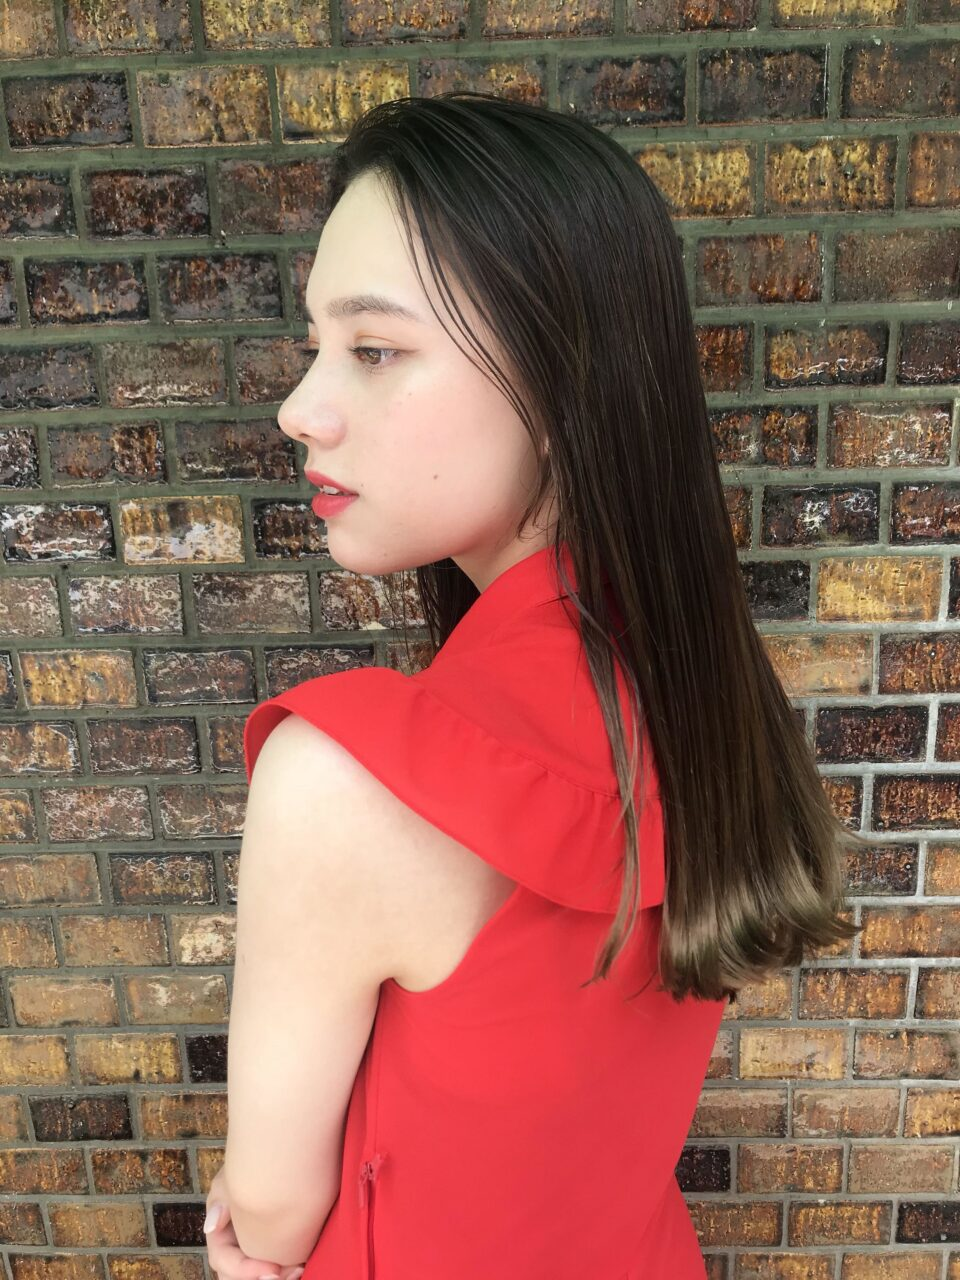 天使の輪がある人は美髪の証拠?毎日の小さな努力でサラツヤ美髪を手に入れよう